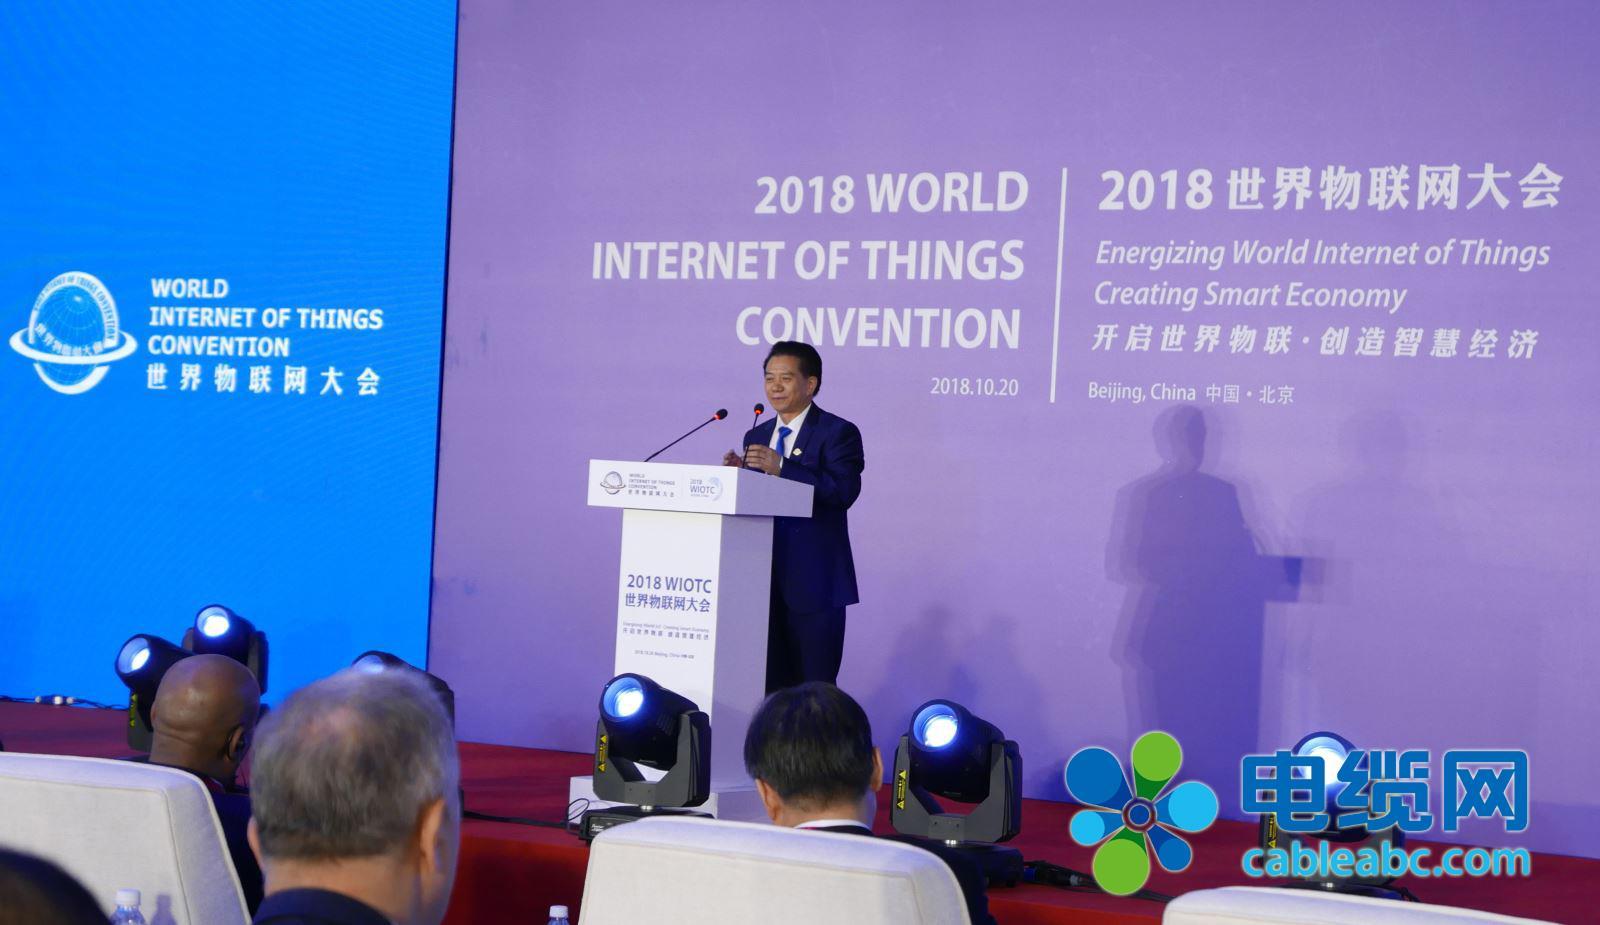 2018世界物联网大会今日在北京隆重召开